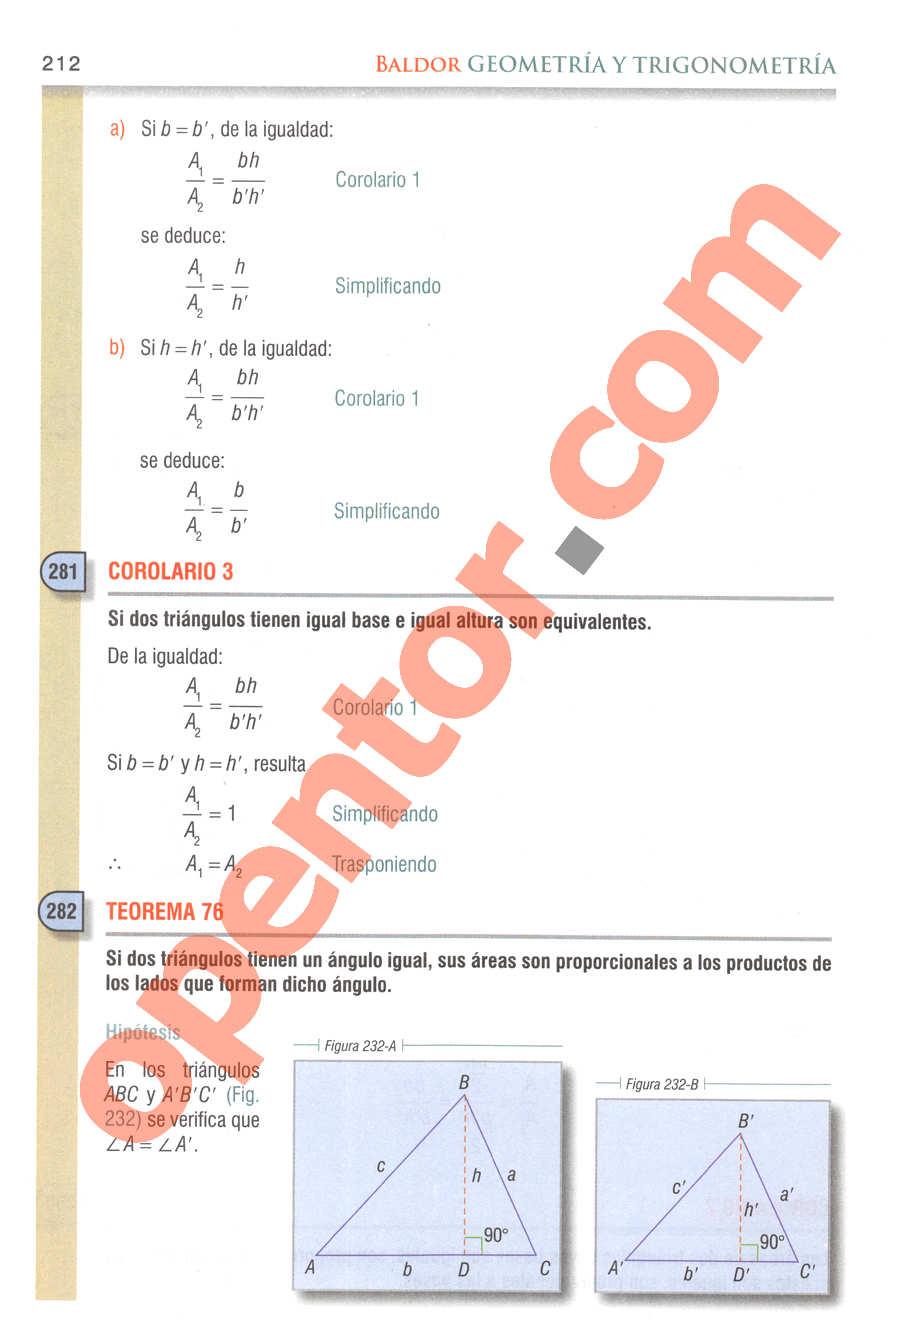 Geometría y Trigonometría de Baldor - Página 212